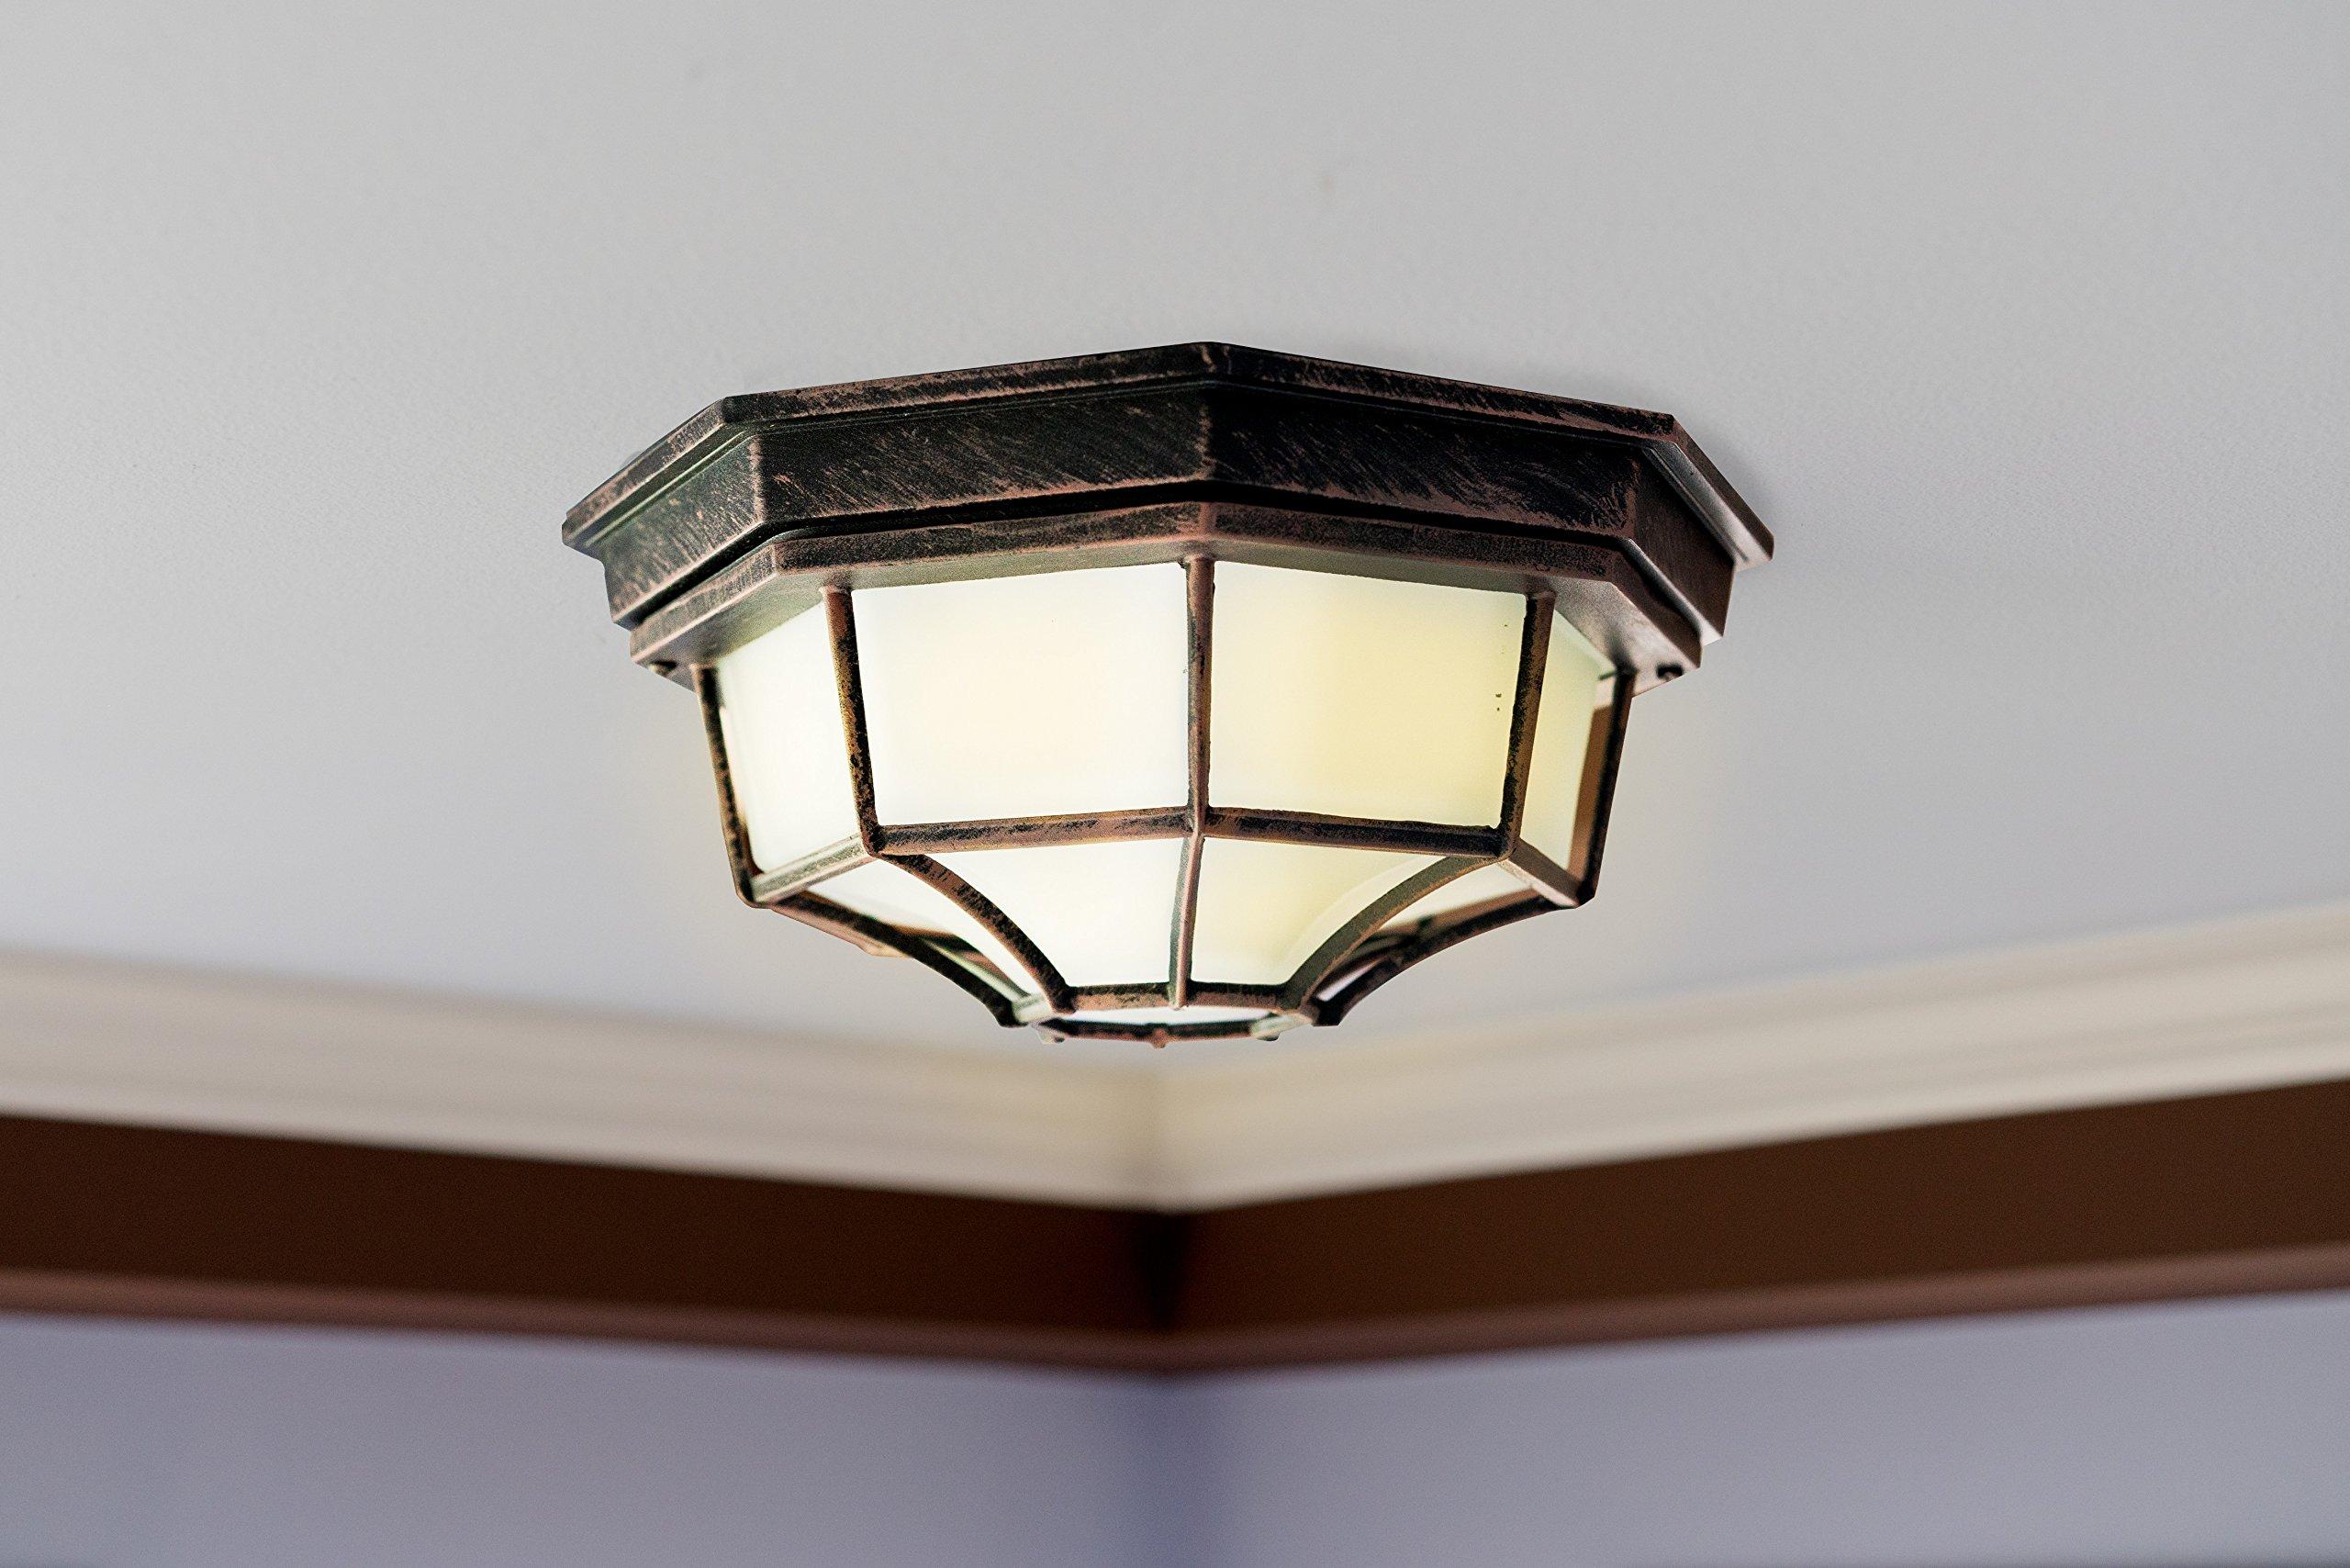 Trans Globe Lighting 40582 RT Outdoor Benkert 5'' Flushmount Lantern, Rust by Trans Globe Lighting (Image #5)